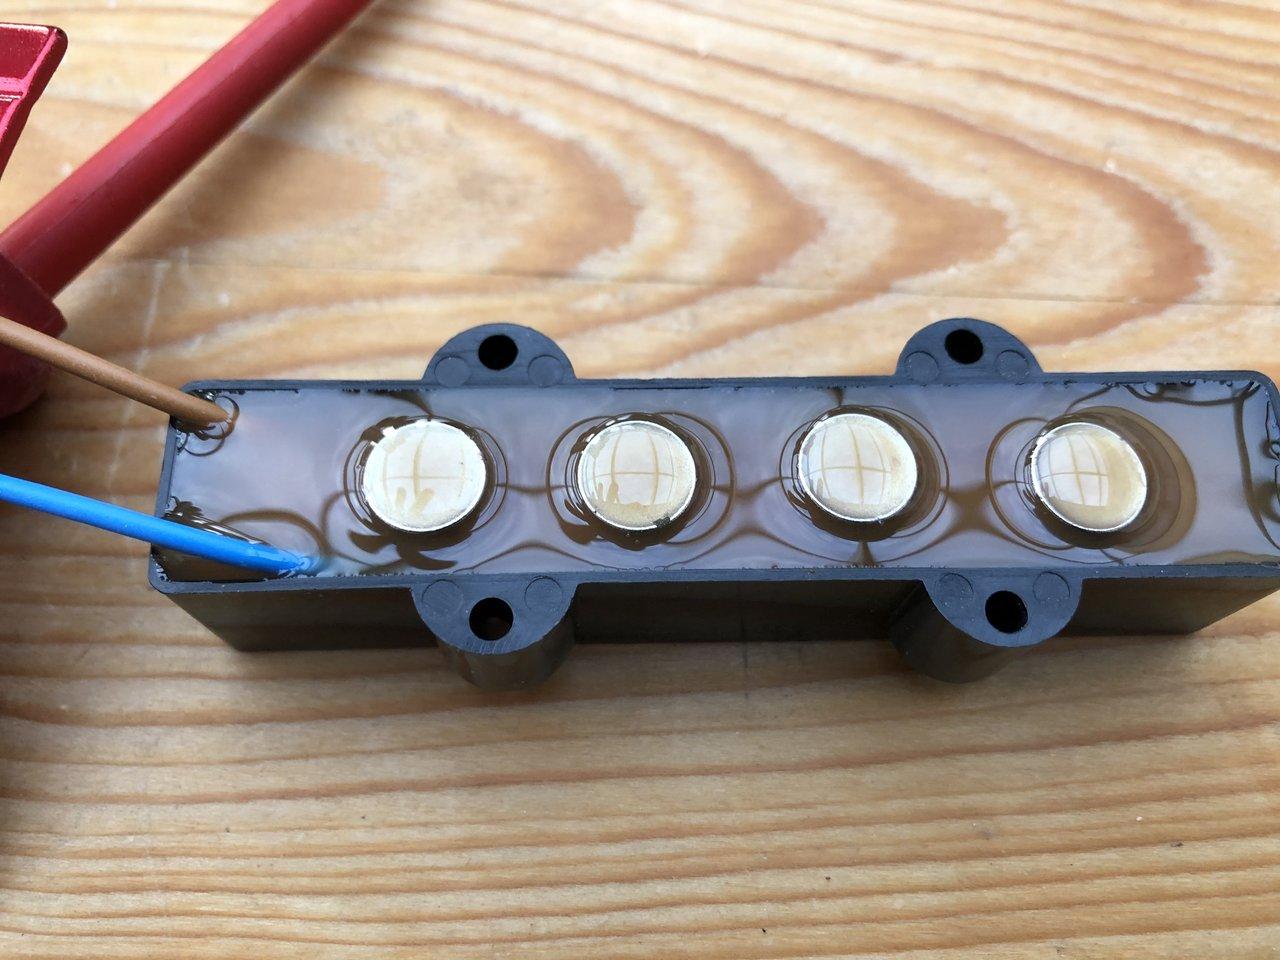 F84F4C78-721A-4F87-AEB8-DBB02B0263D6.jpeg